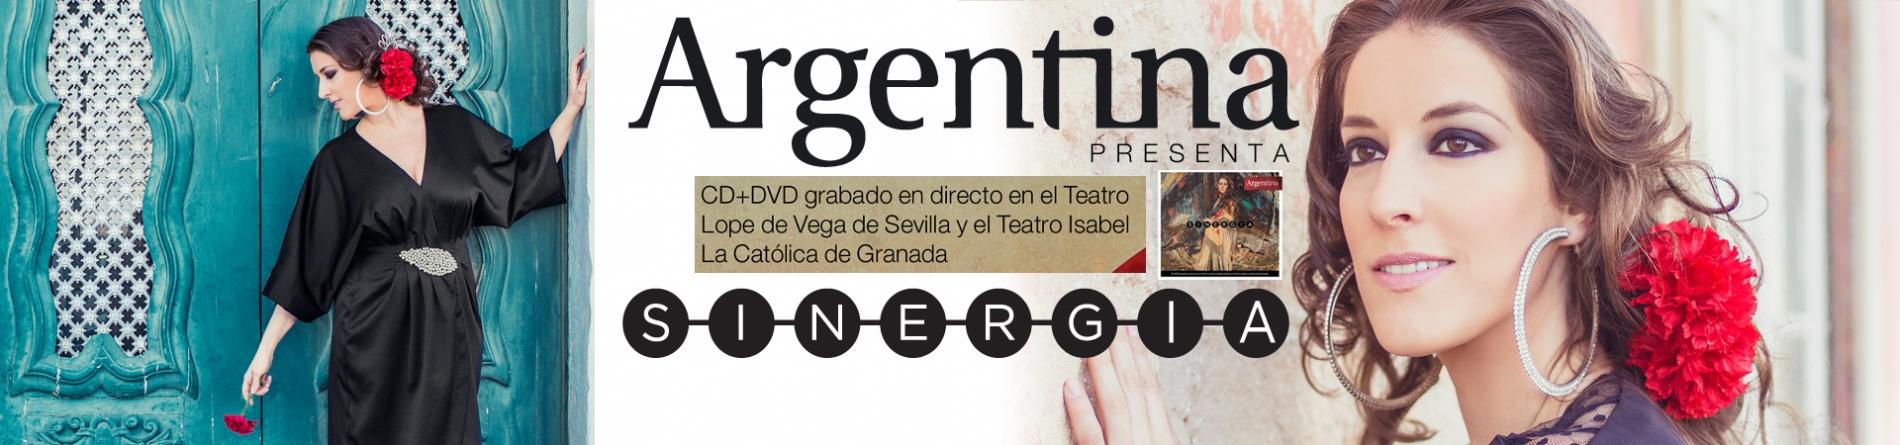 slide_argentina233